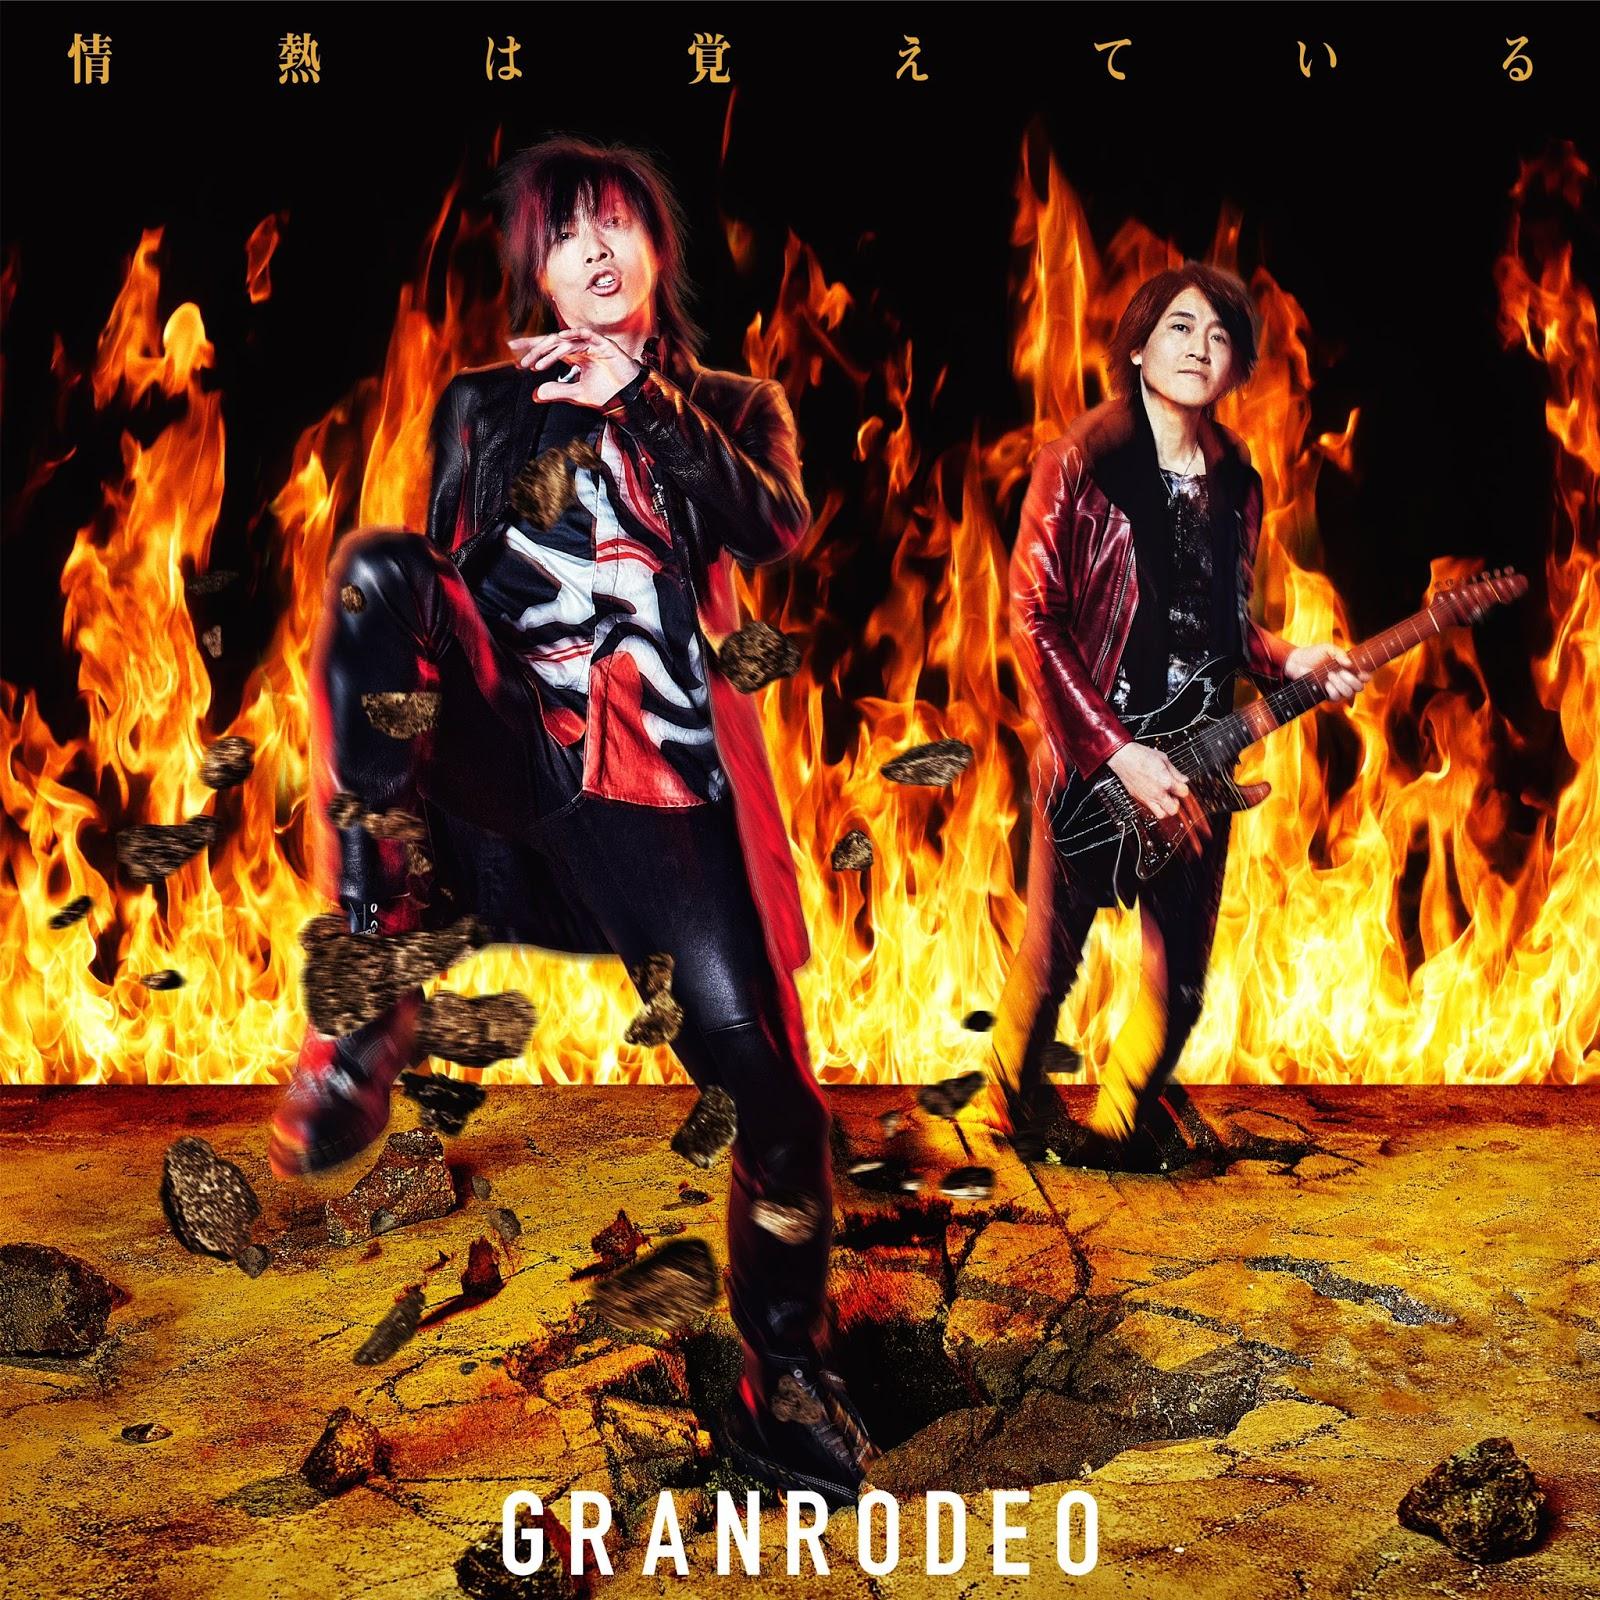 GRANRODEO - 情熱は覚えている [2020.09.09+MP3+RAR]